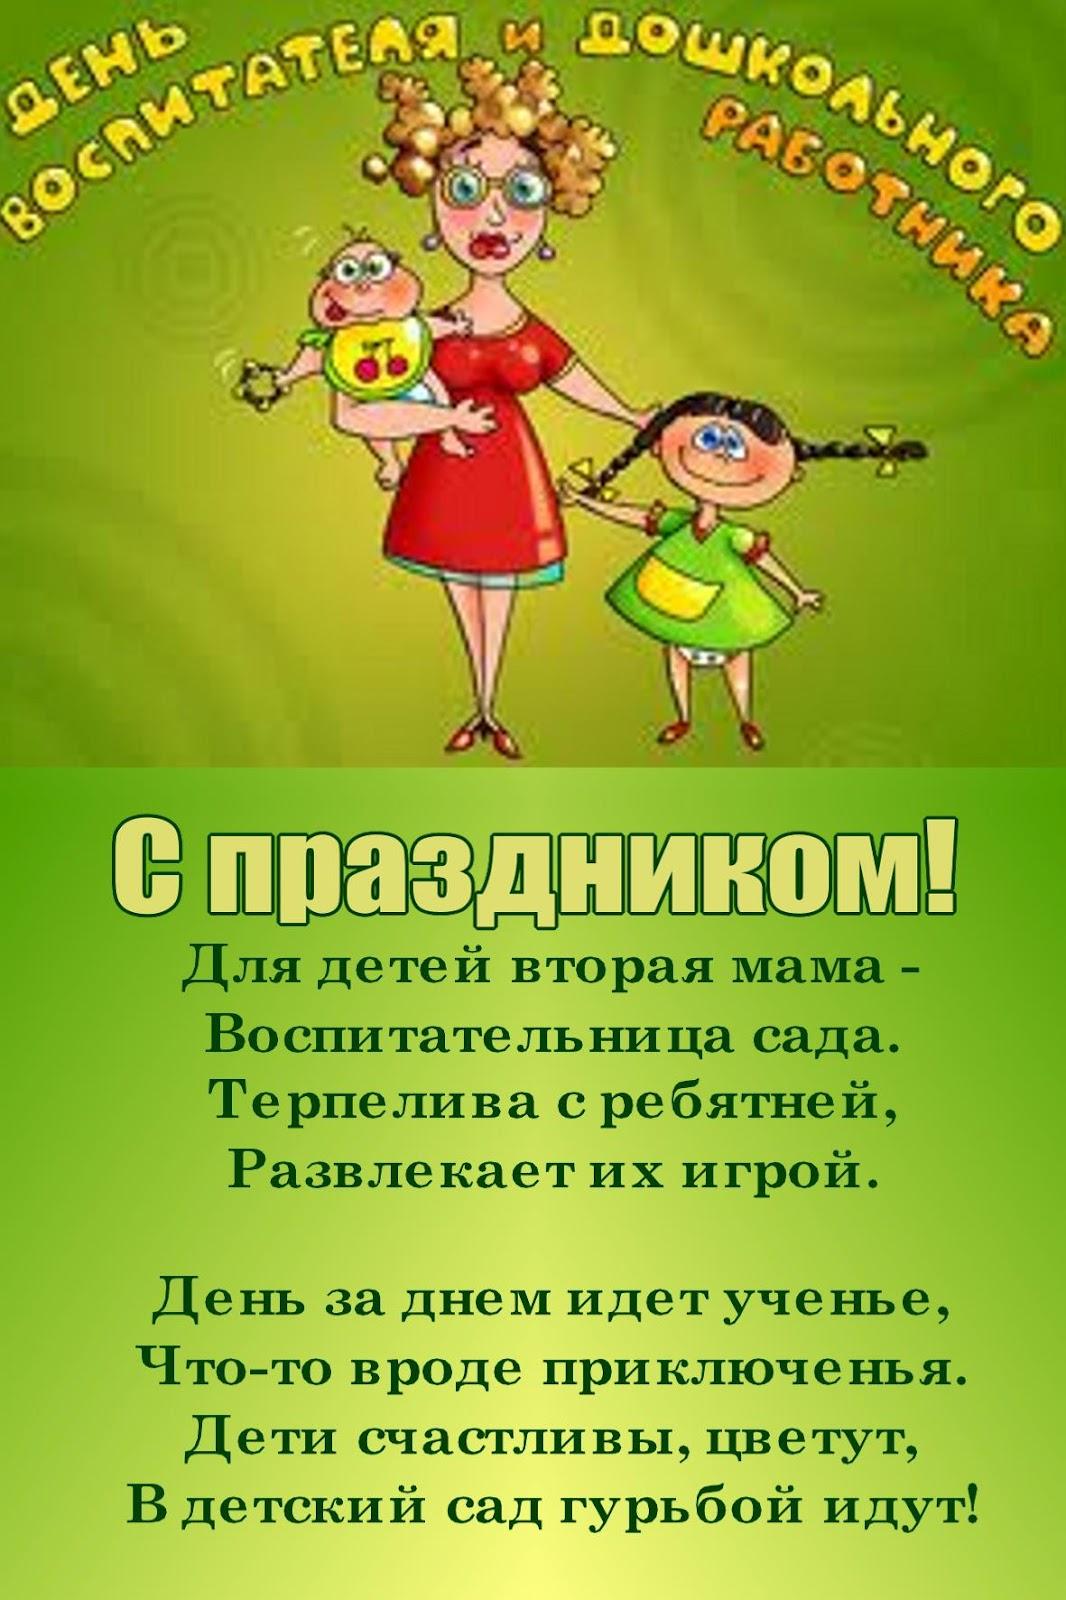 Сценарий поздравления от детей